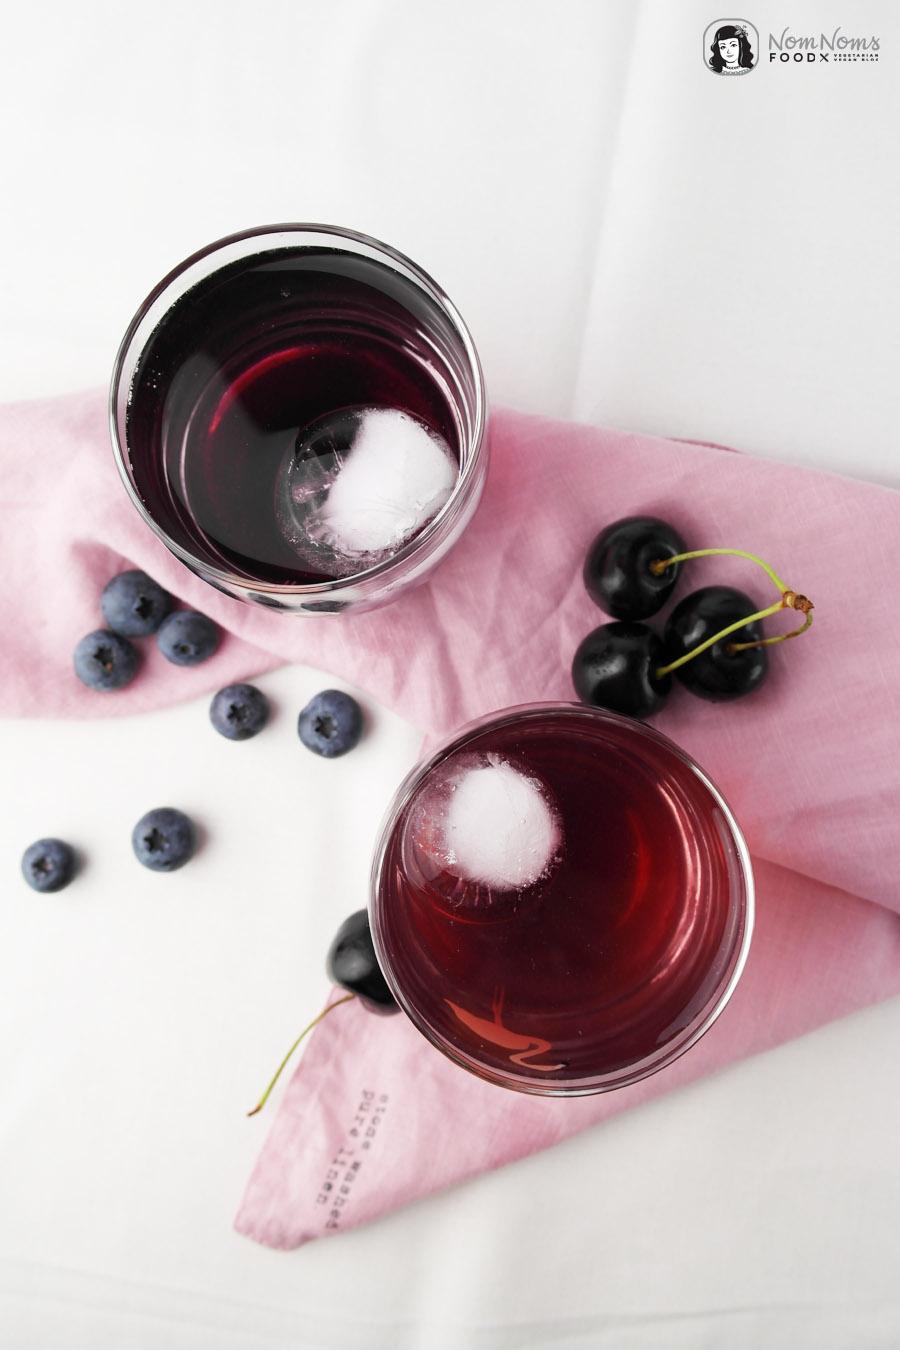 Blaubeer-Sirup und Kirsch-Sirup